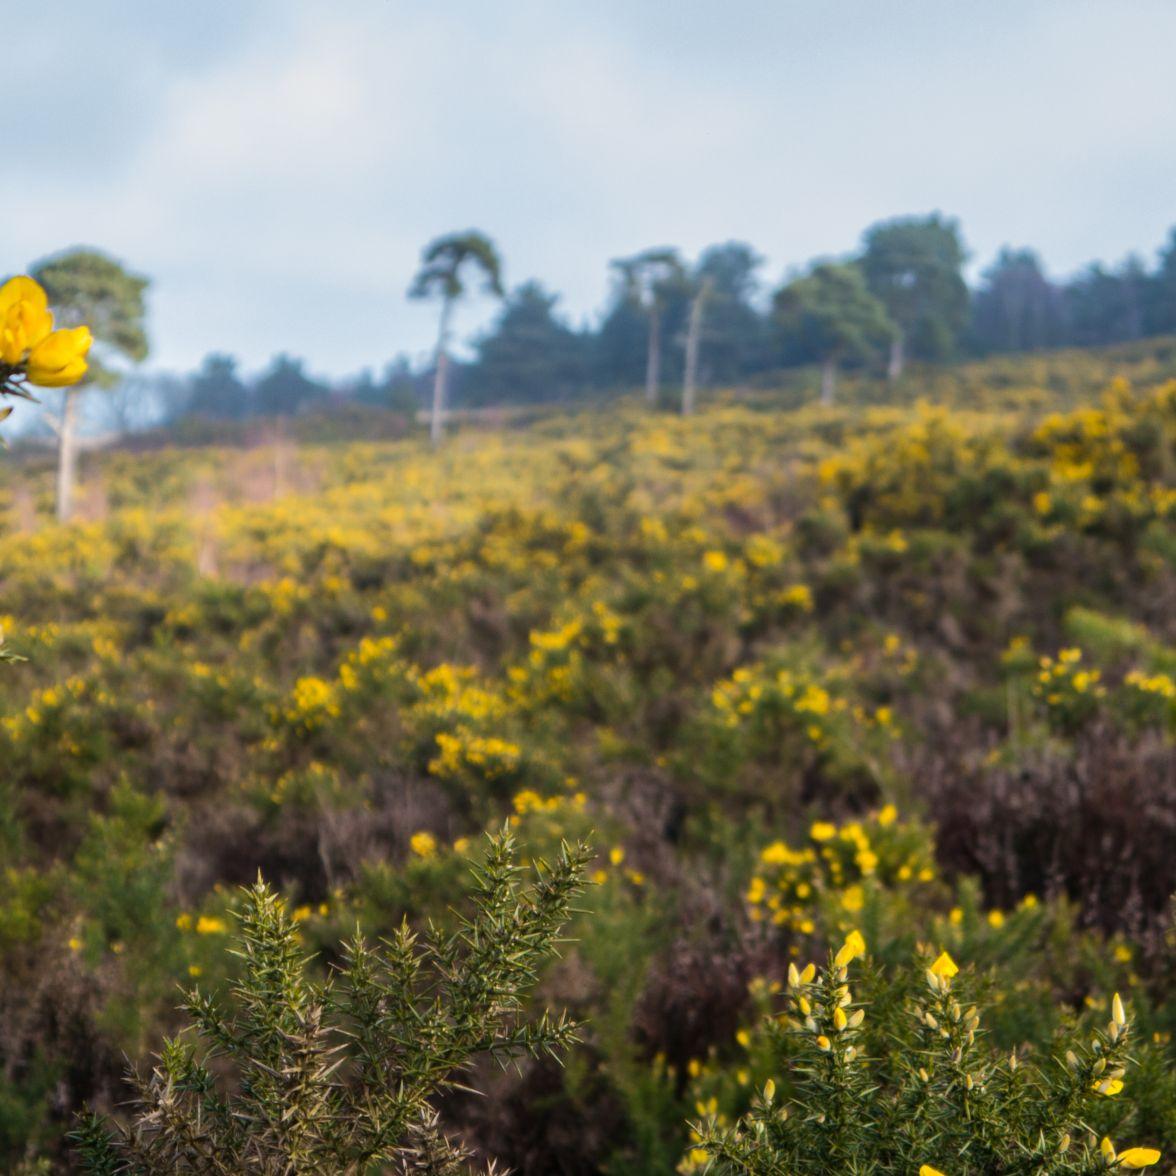 Dartford warbler habitat